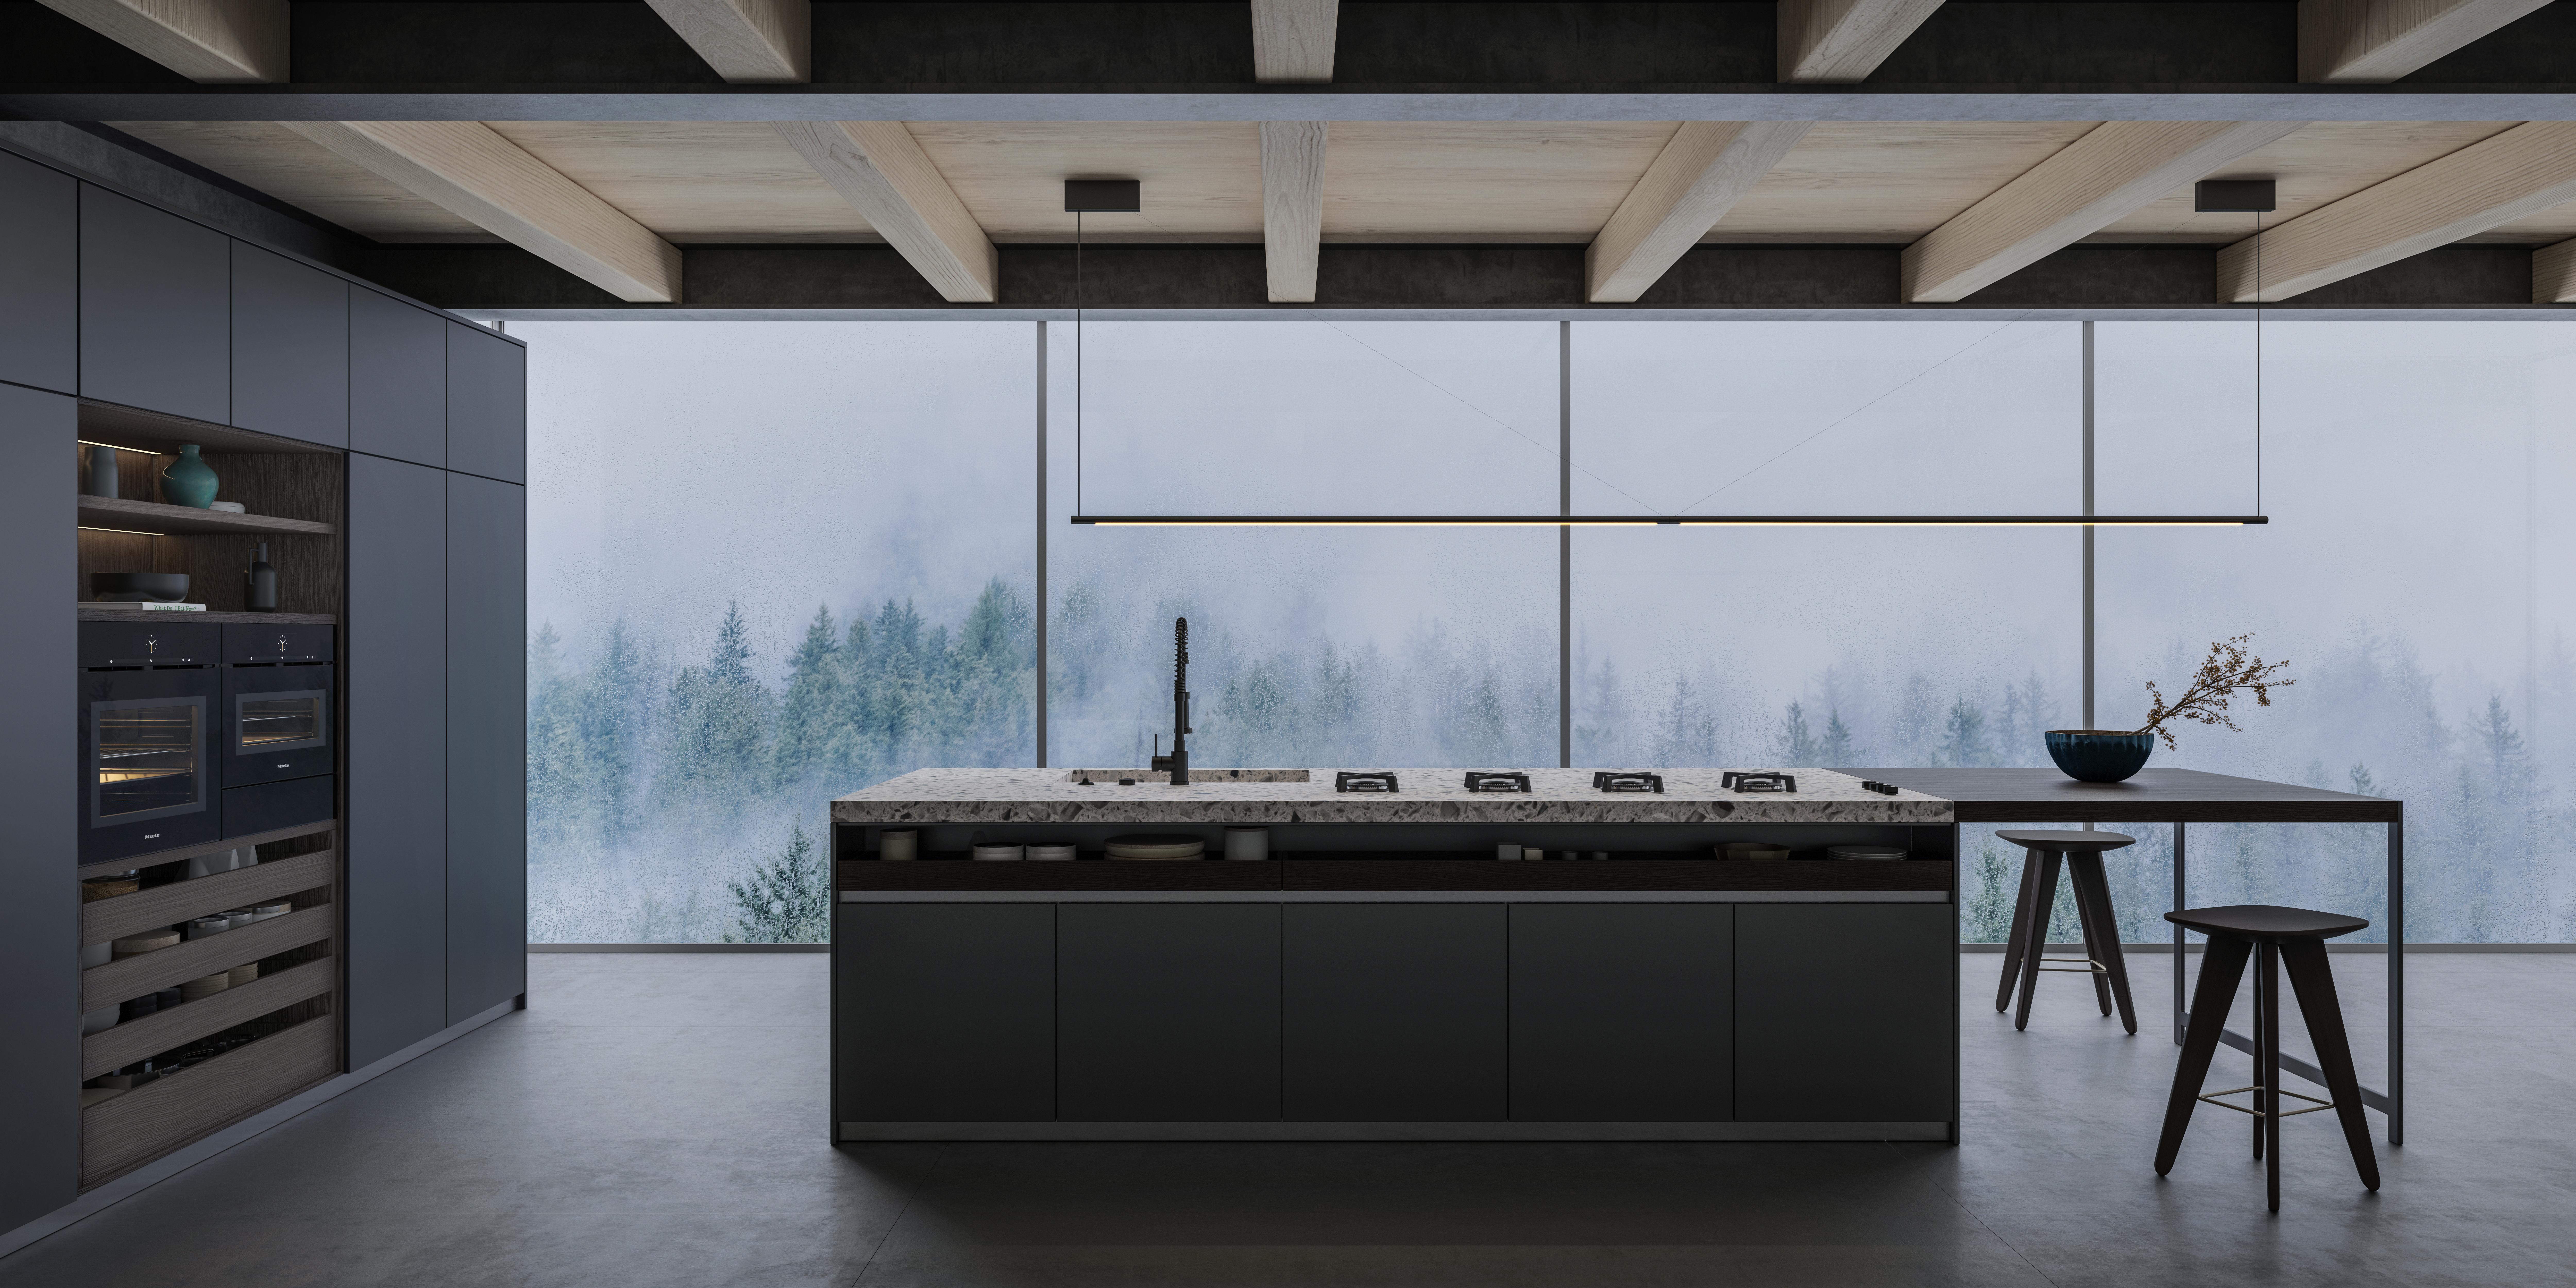 Sol En Beton Interieur images gratuites : architecture, poutres, plafond, cgi